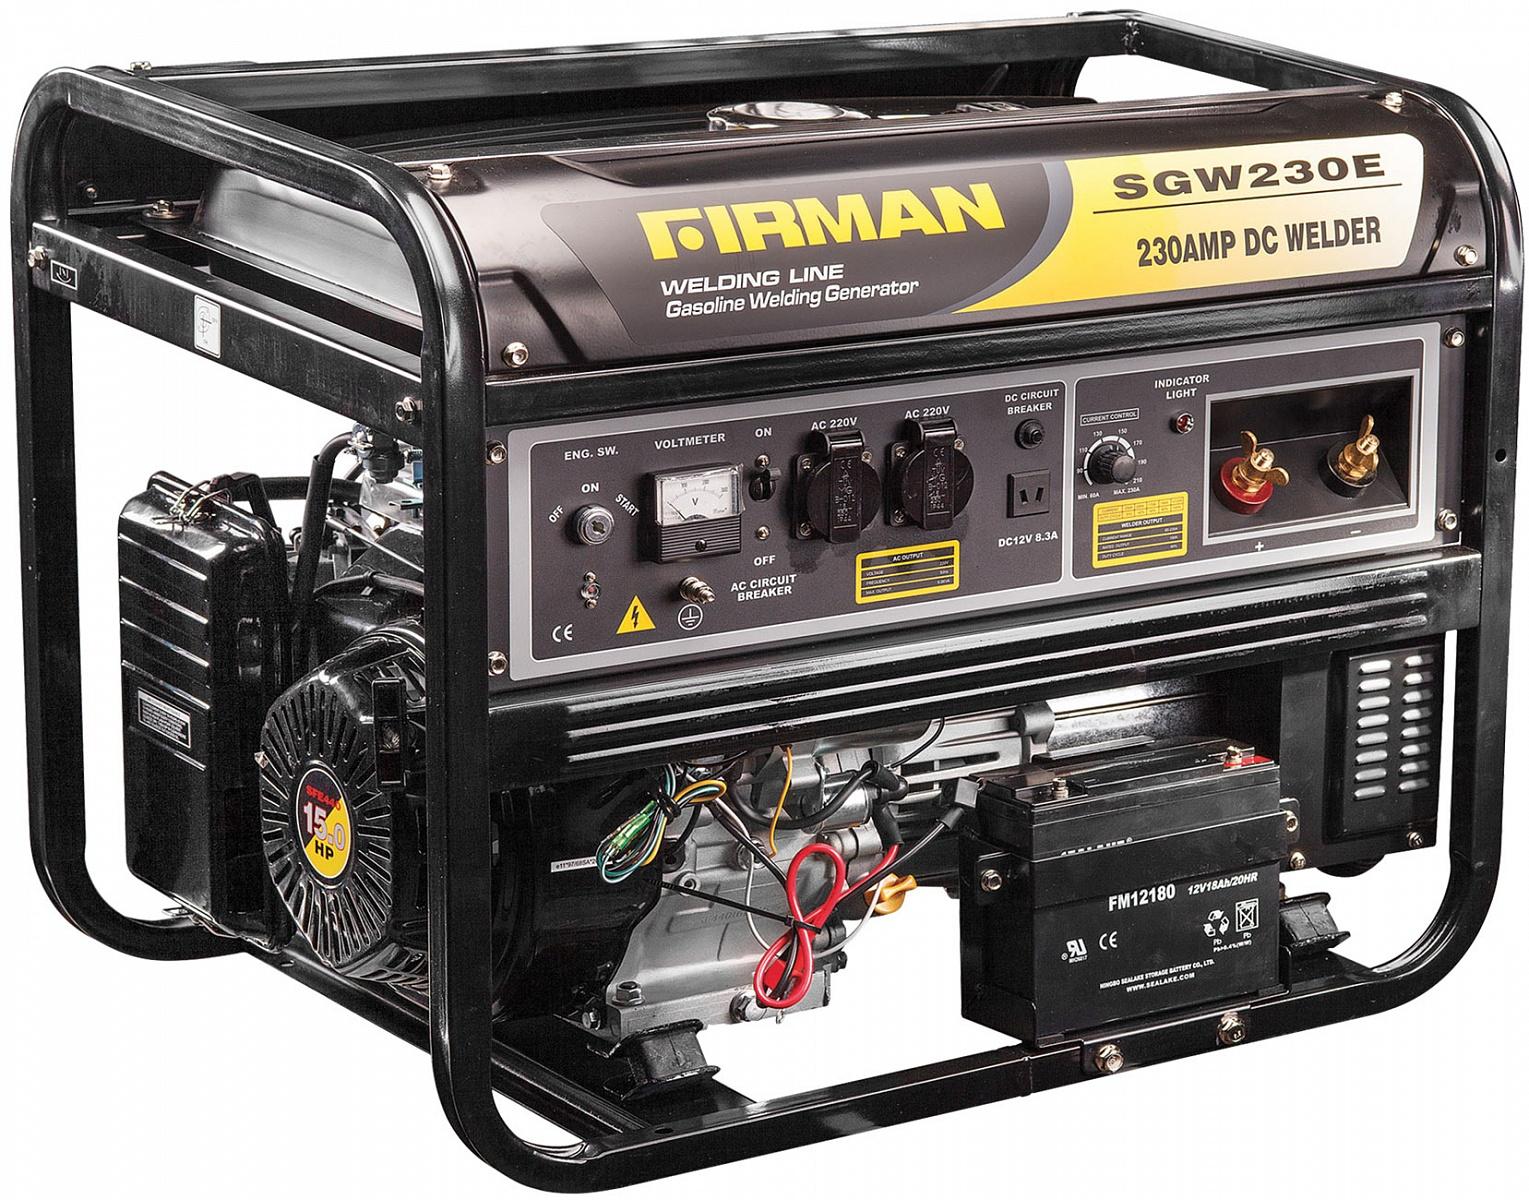 Генератор бензиновый SGW230E с функцией сварки